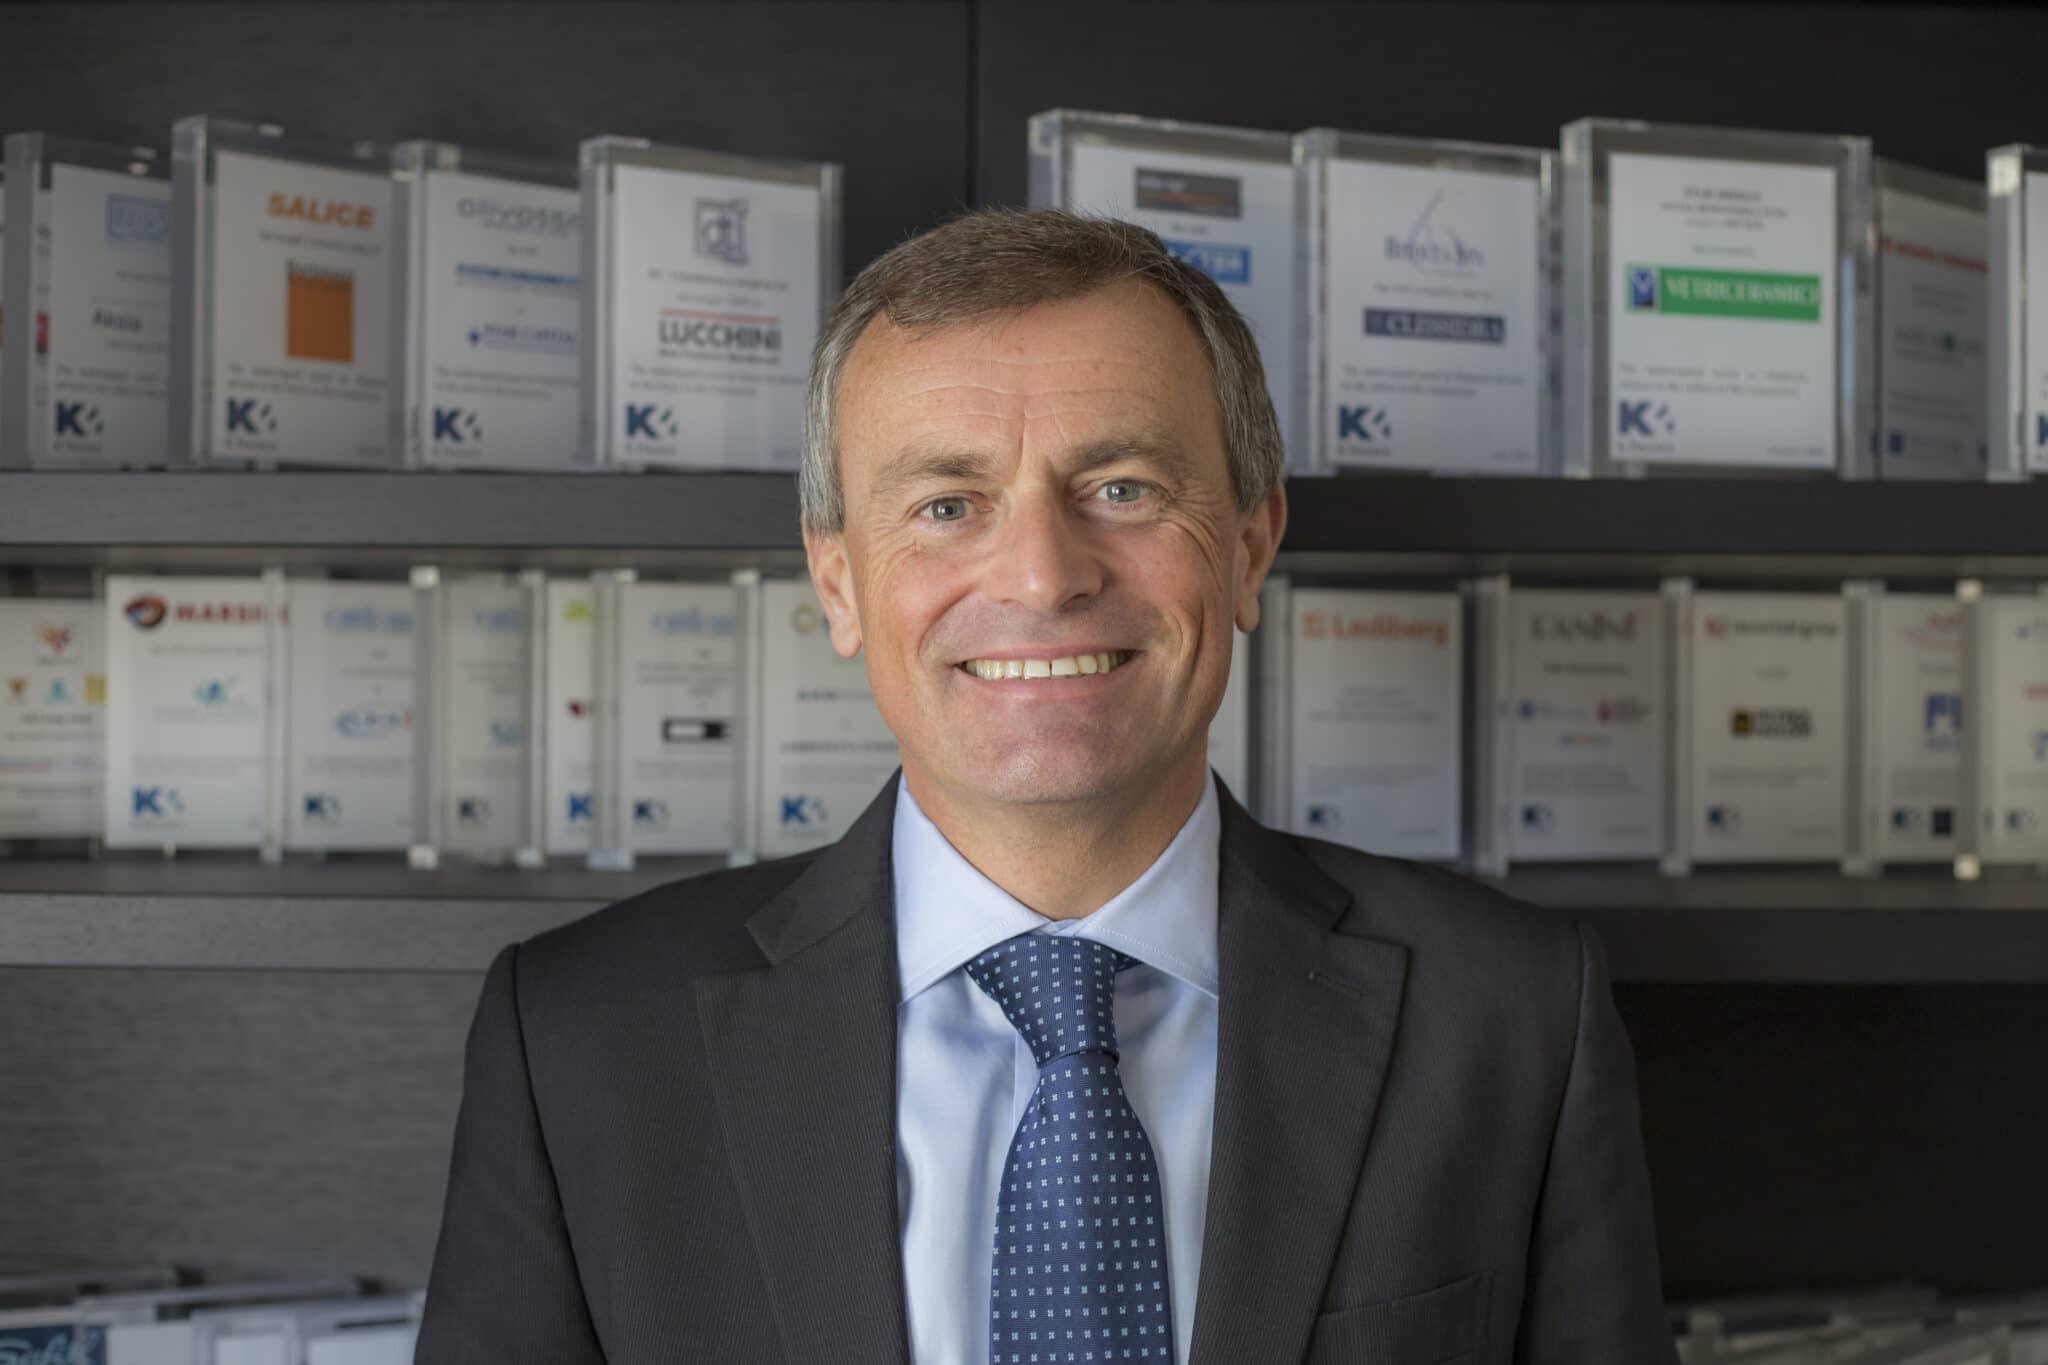 Filippo Guicciardi Equita K Finance